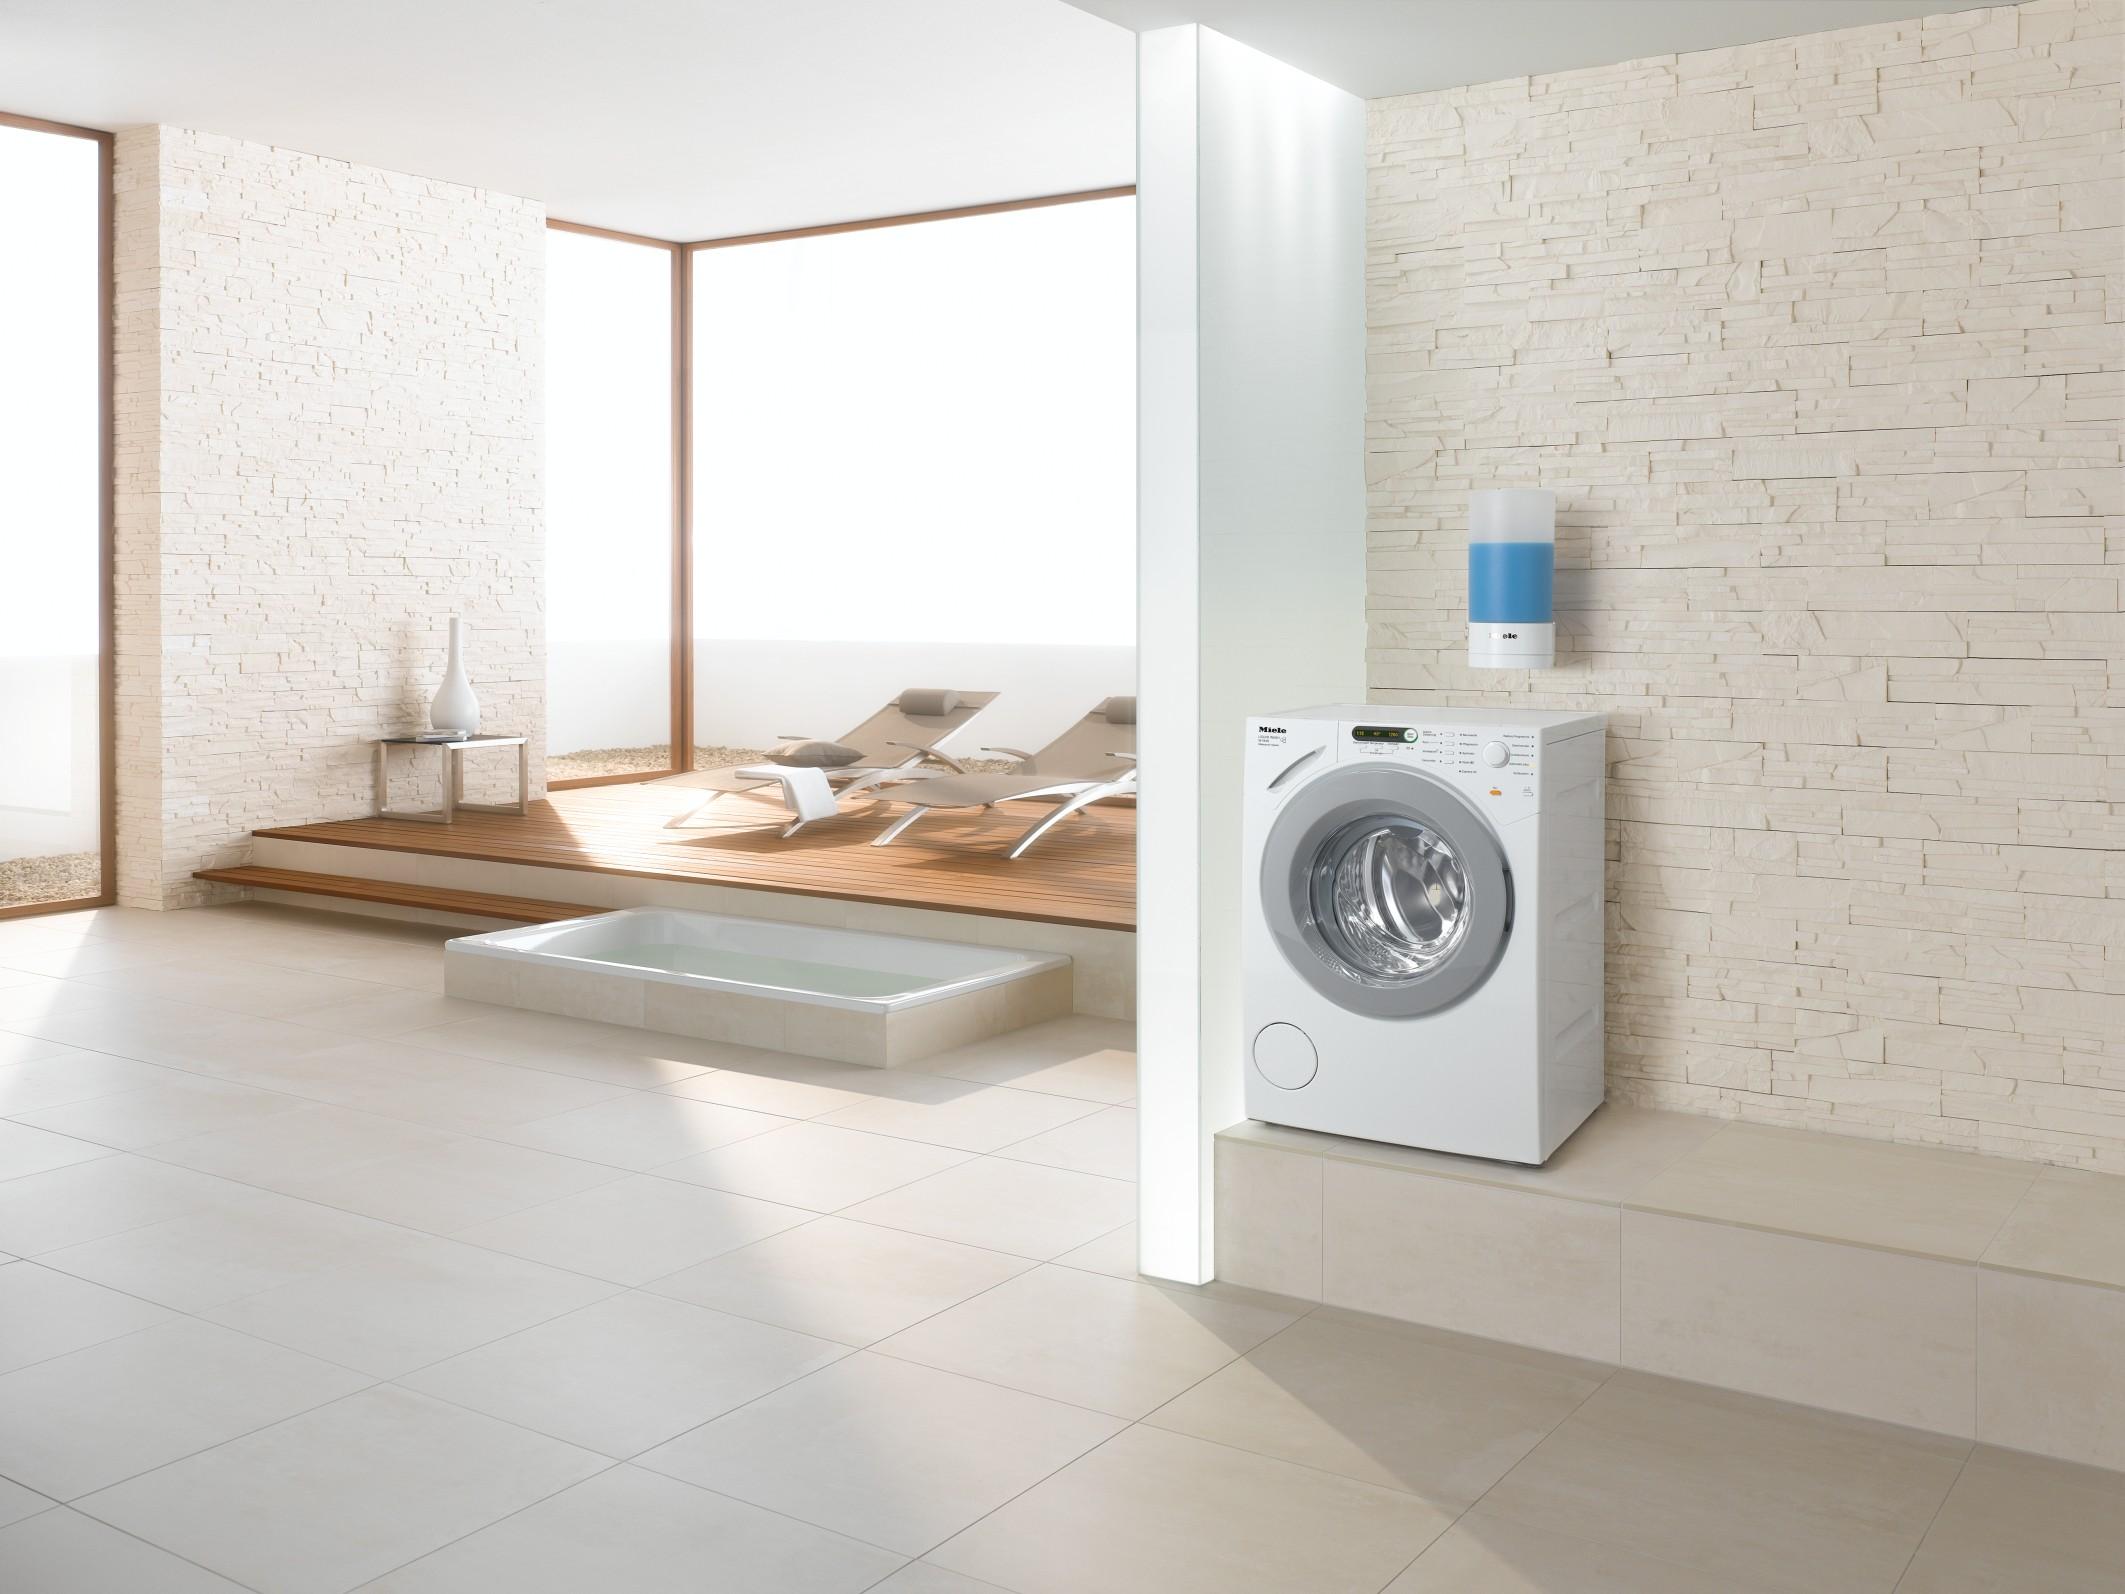 mit automatischer dosierung f r fl ssigwaschmittel. Black Bedroom Furniture Sets. Home Design Ideas